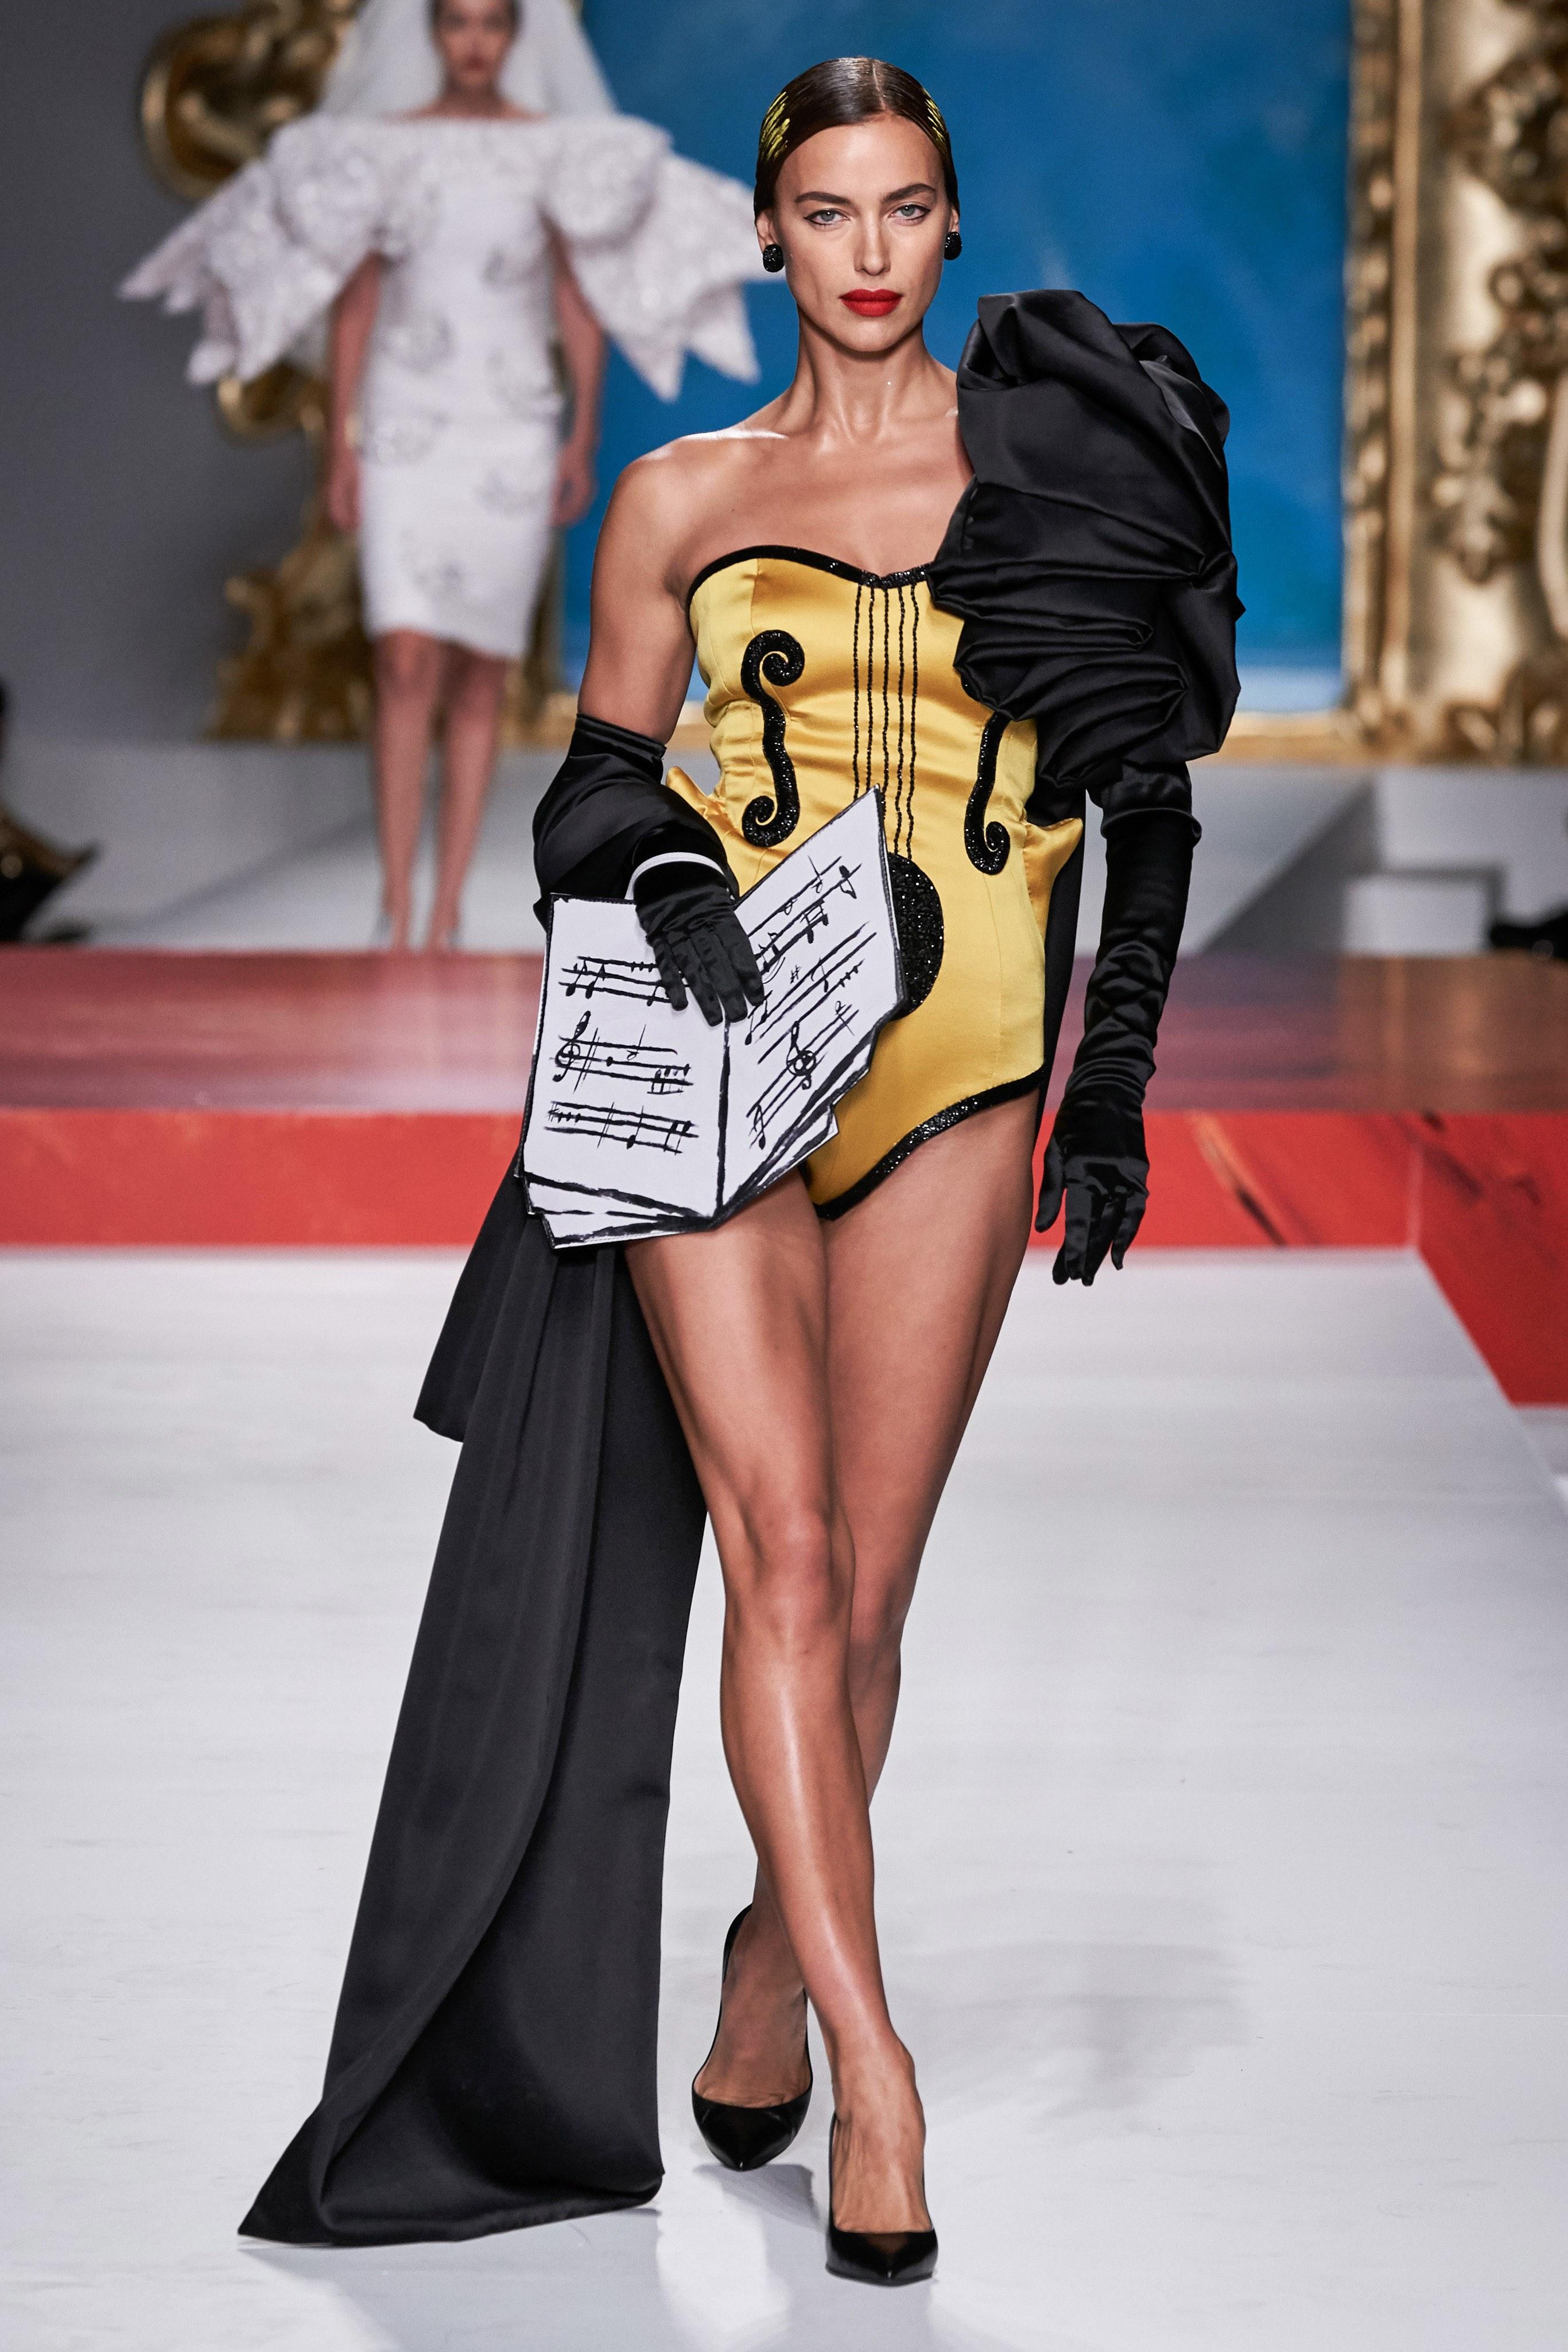 irina shayk mặc váy satin lụa vàng bộ sưu tập moschino xuân hè 2020